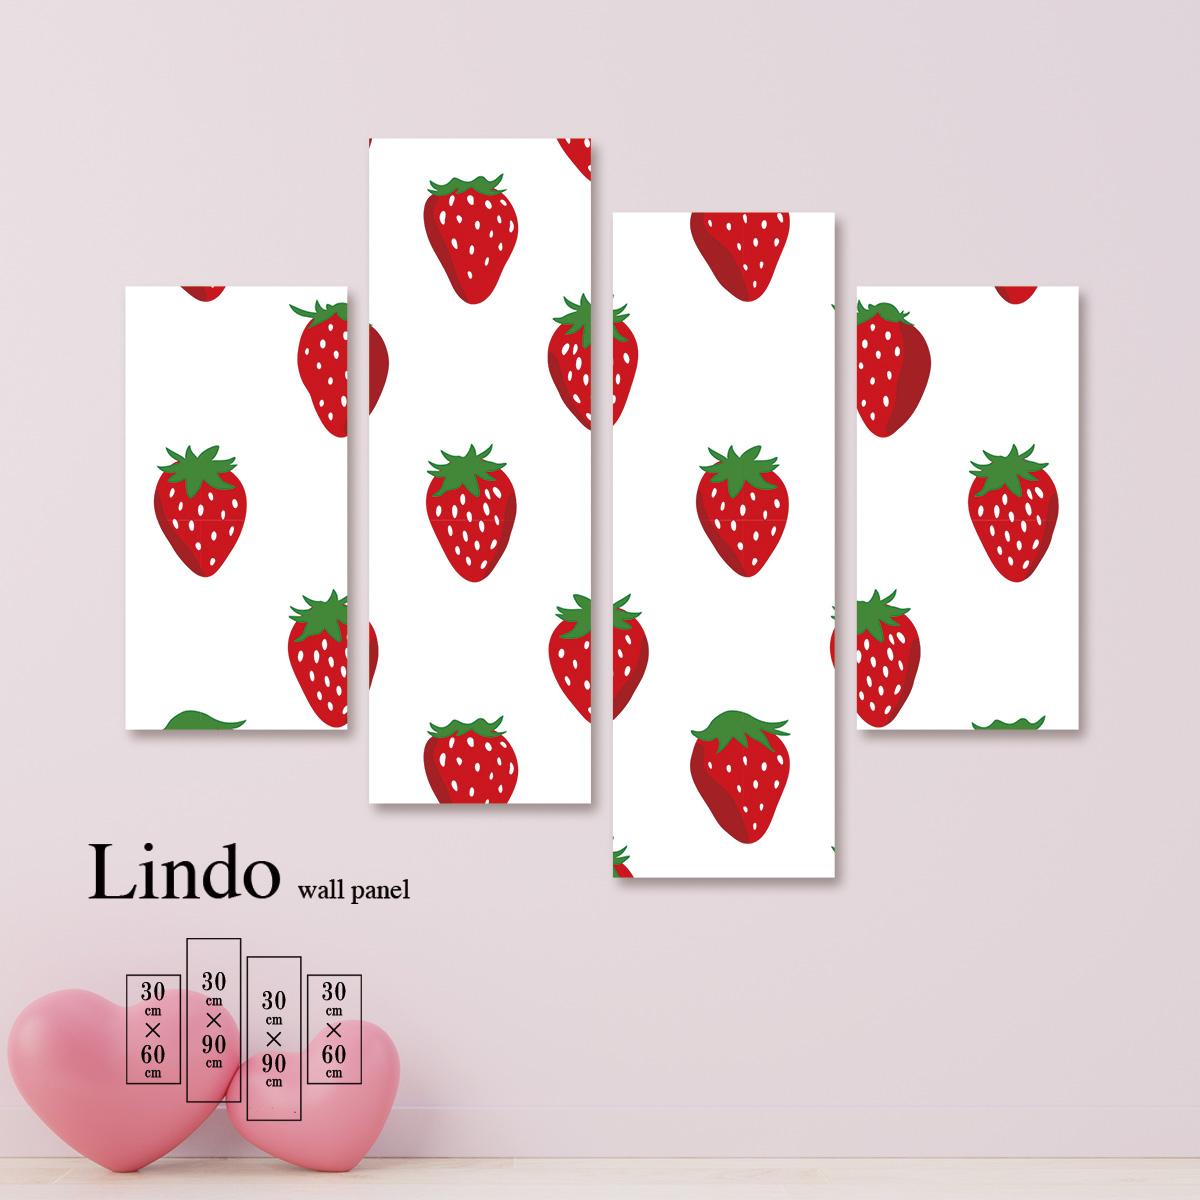 アートパネル 果物 果実 フルーツ 食べ物 トロピカル 苺 イチゴ柄 壁掛け 北欧 お洒落 デザイン ファブリック 壁飾り アートボード 4枚パネル